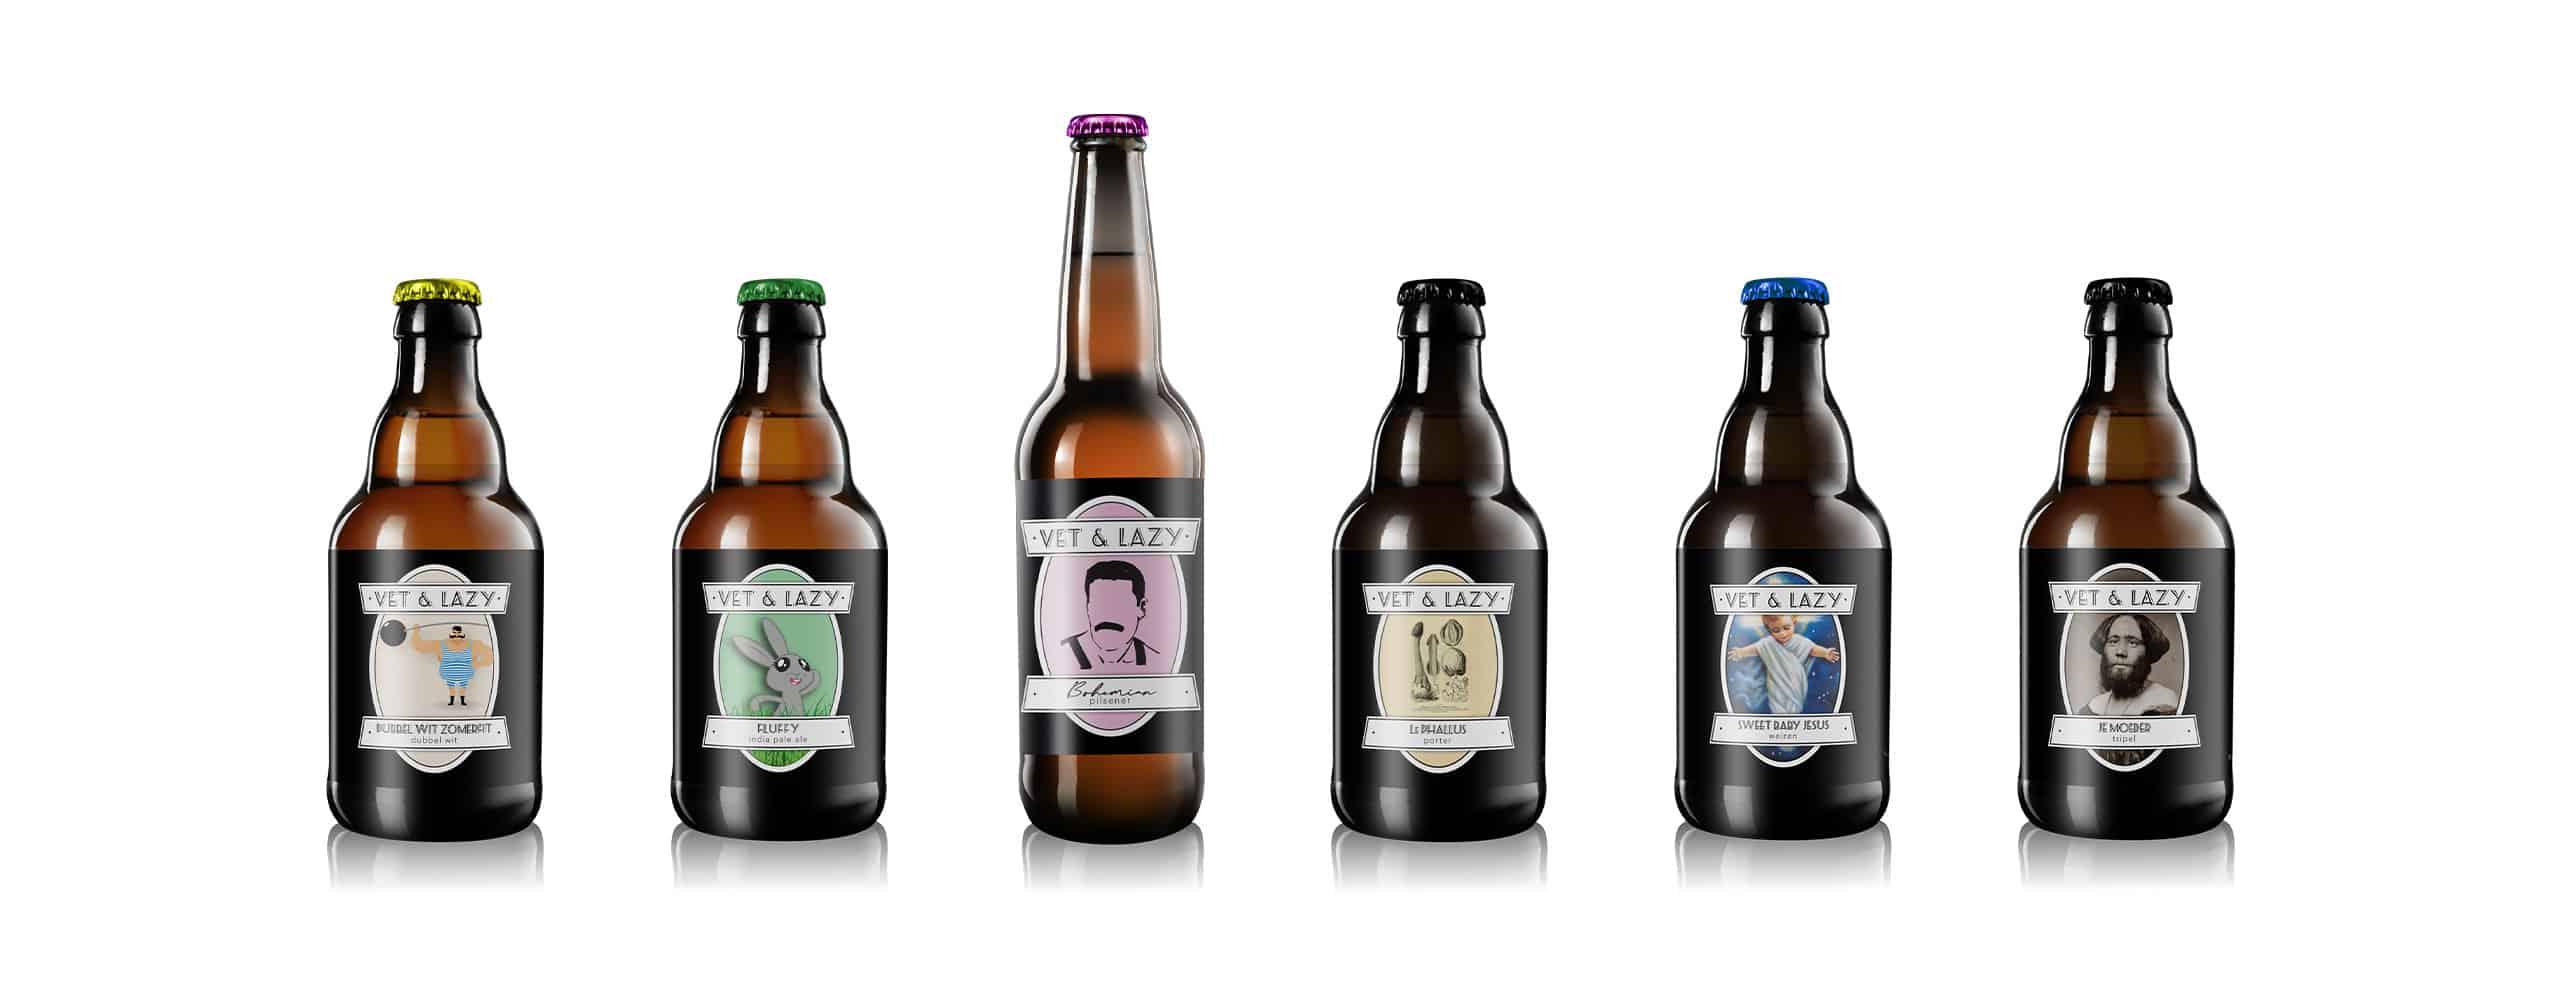 Vet en Lazy Brouwerij Rotterdam Urban Brewery Stadsbrouwerij lineup